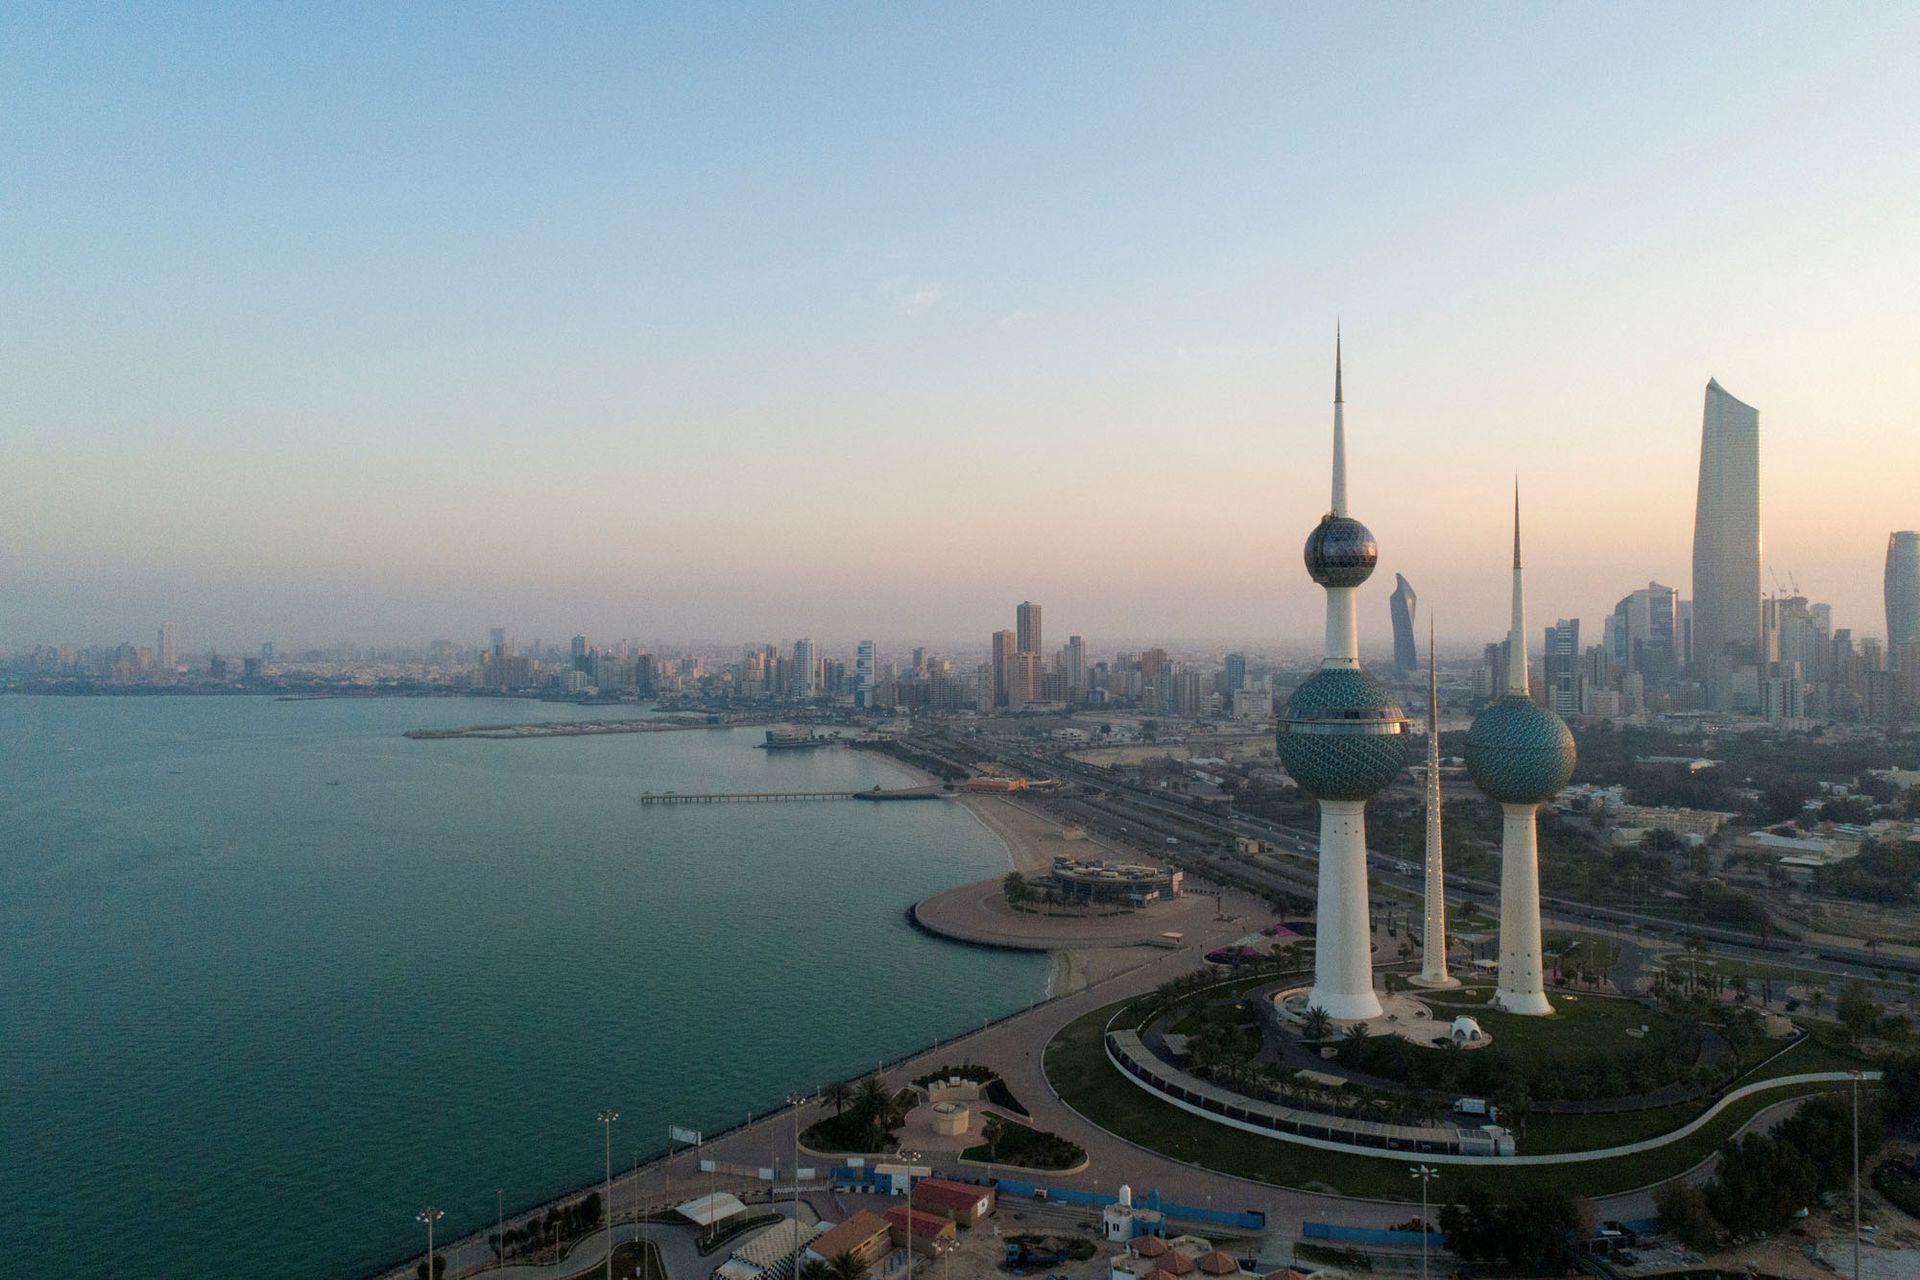 Vista de la ciudad de Kuwait